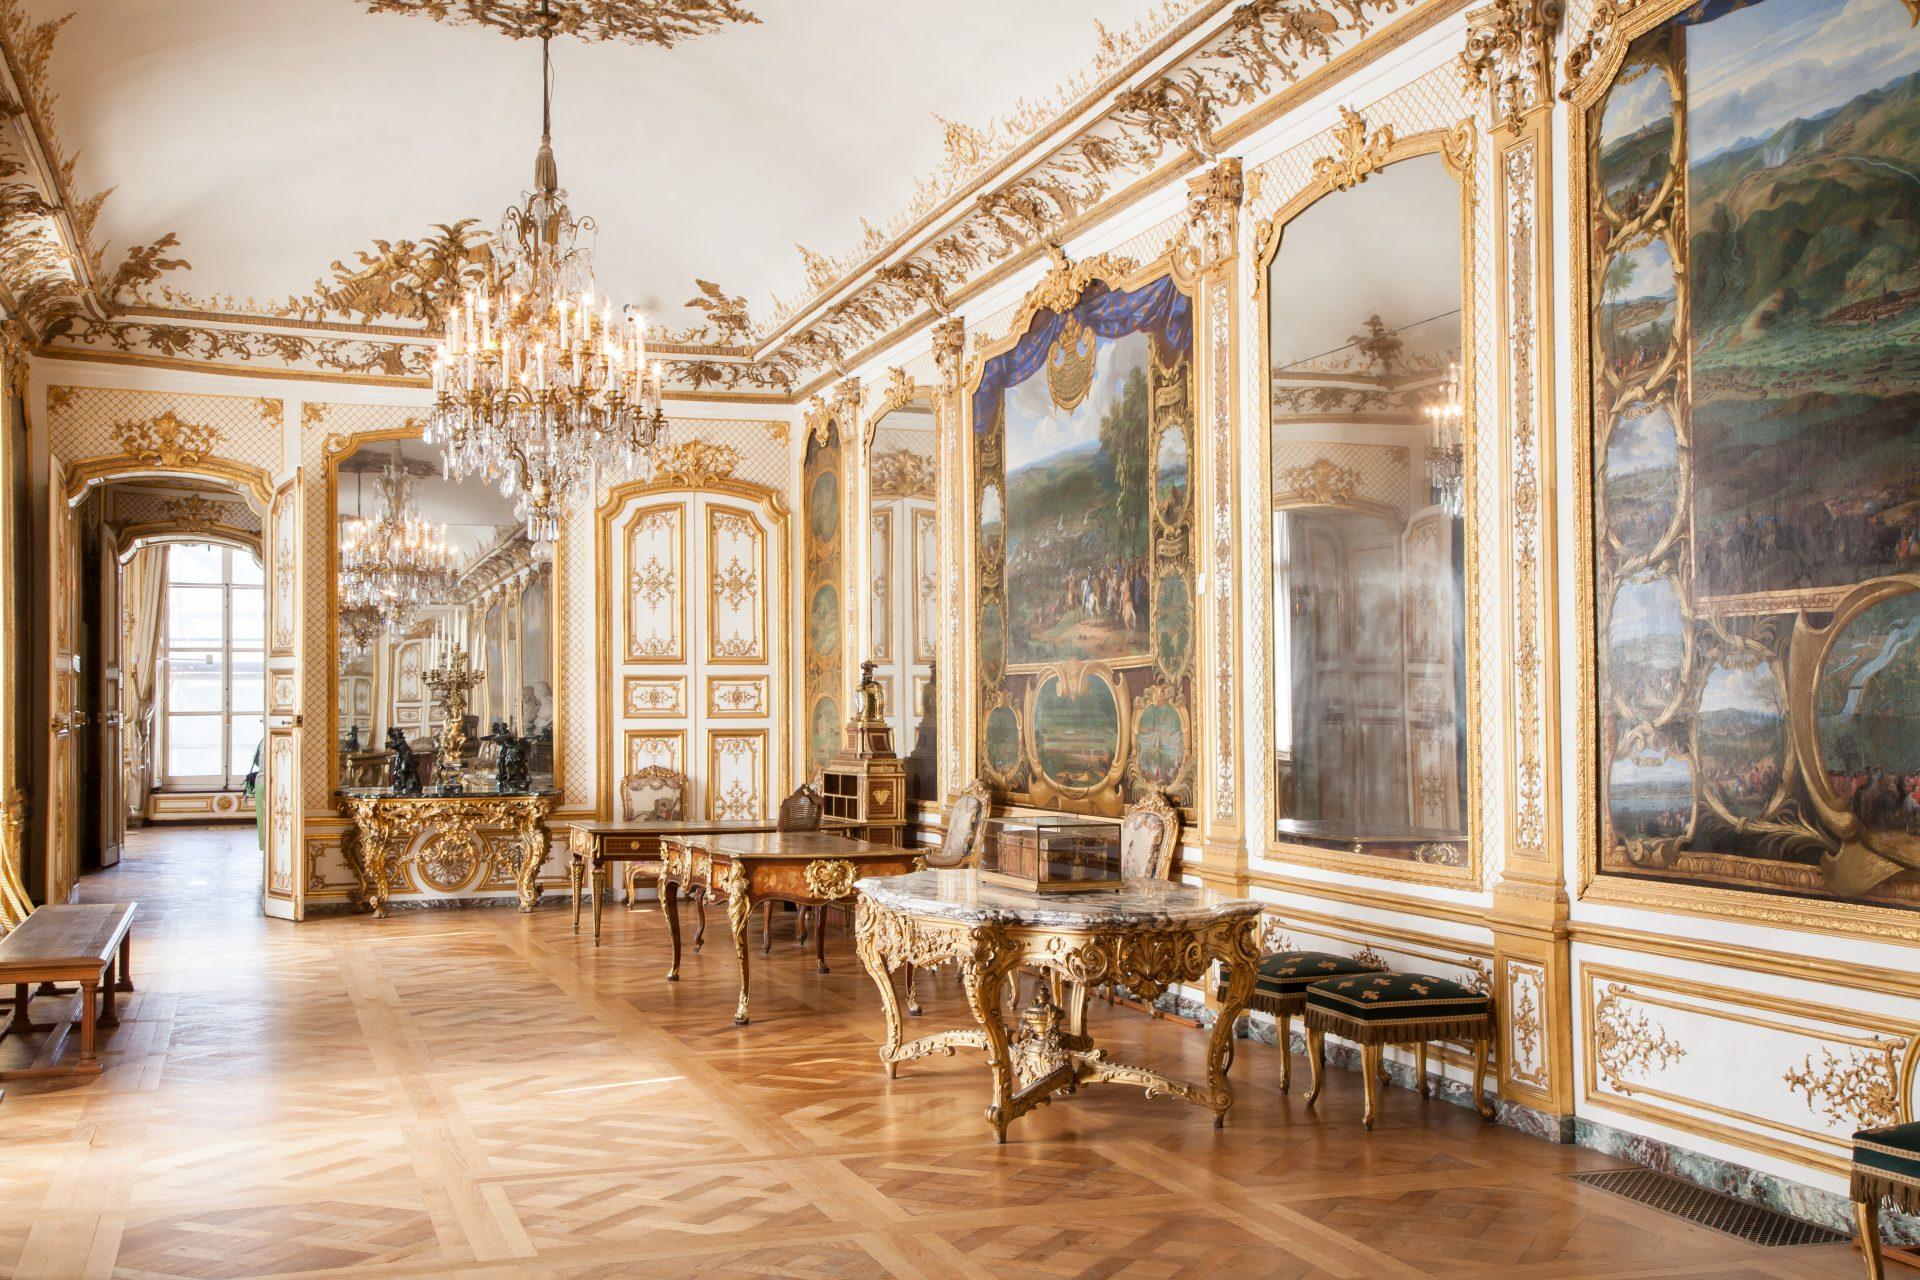 France - Château de Chantilly - La Galerie des batailles est l'ancienne salle de réception des Princes de Condé. Décorée au XVIIe, elle présente onze toiles qui illustrent les victoires du Grand Condé.